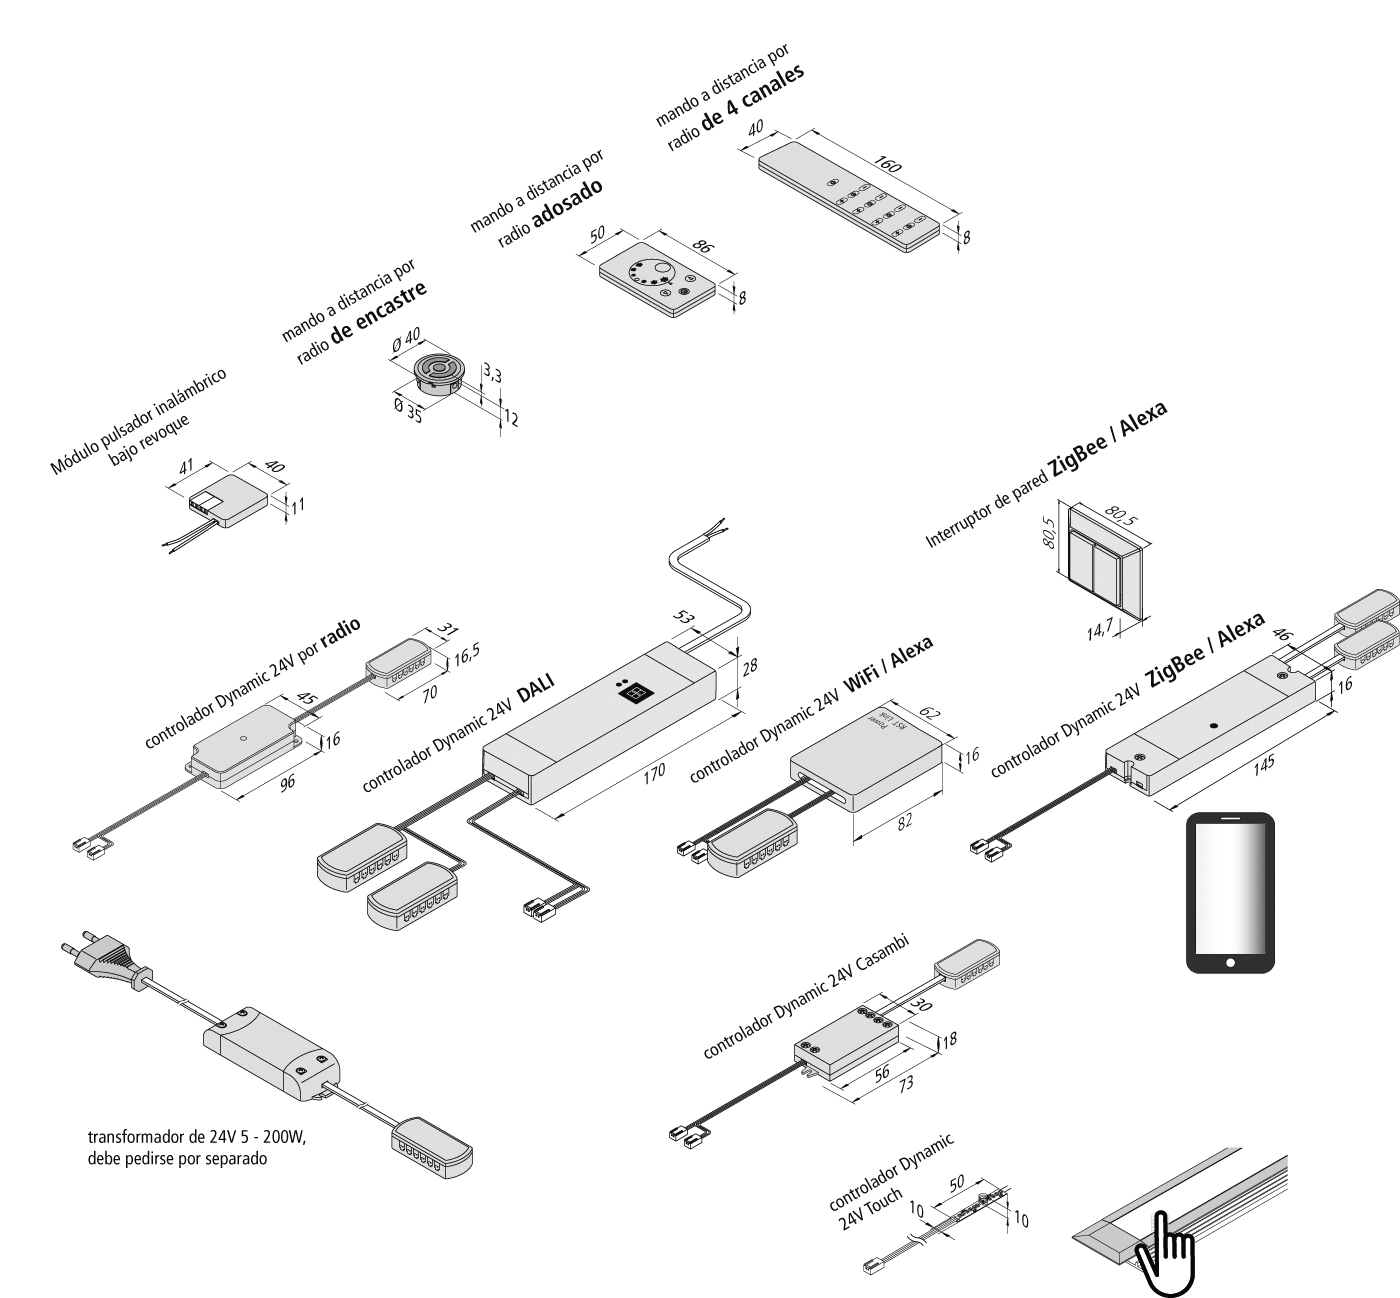 Vista preliminar: Dynamic-Controller_neu_es